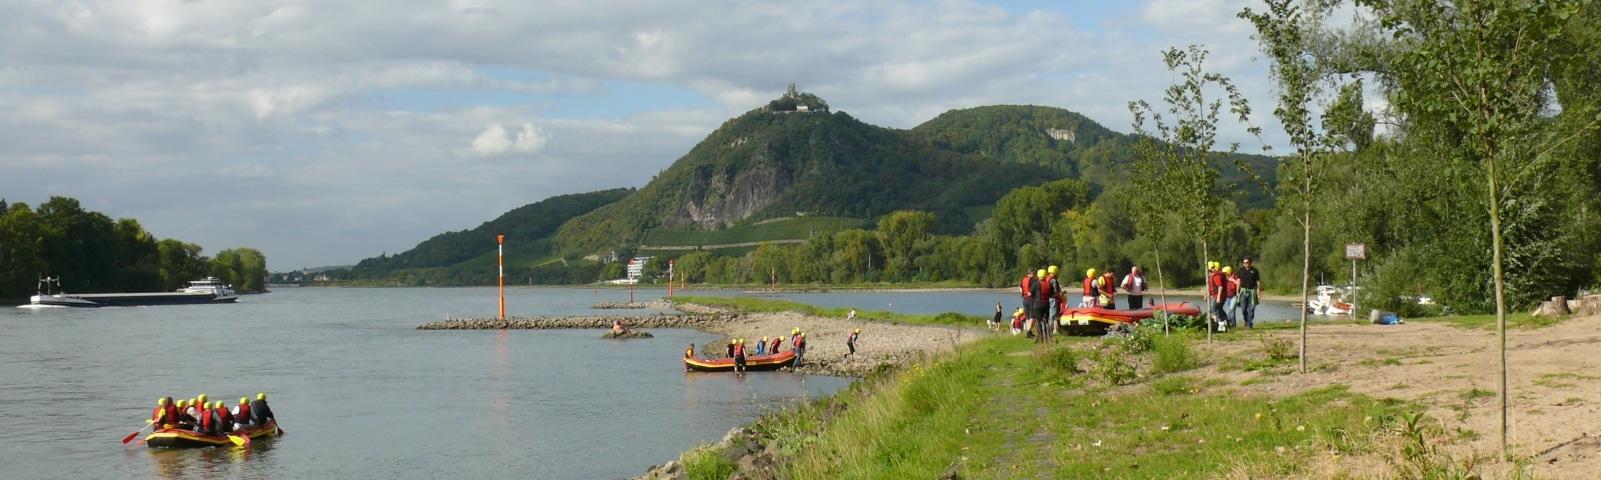 Rhein Rafting Bonn